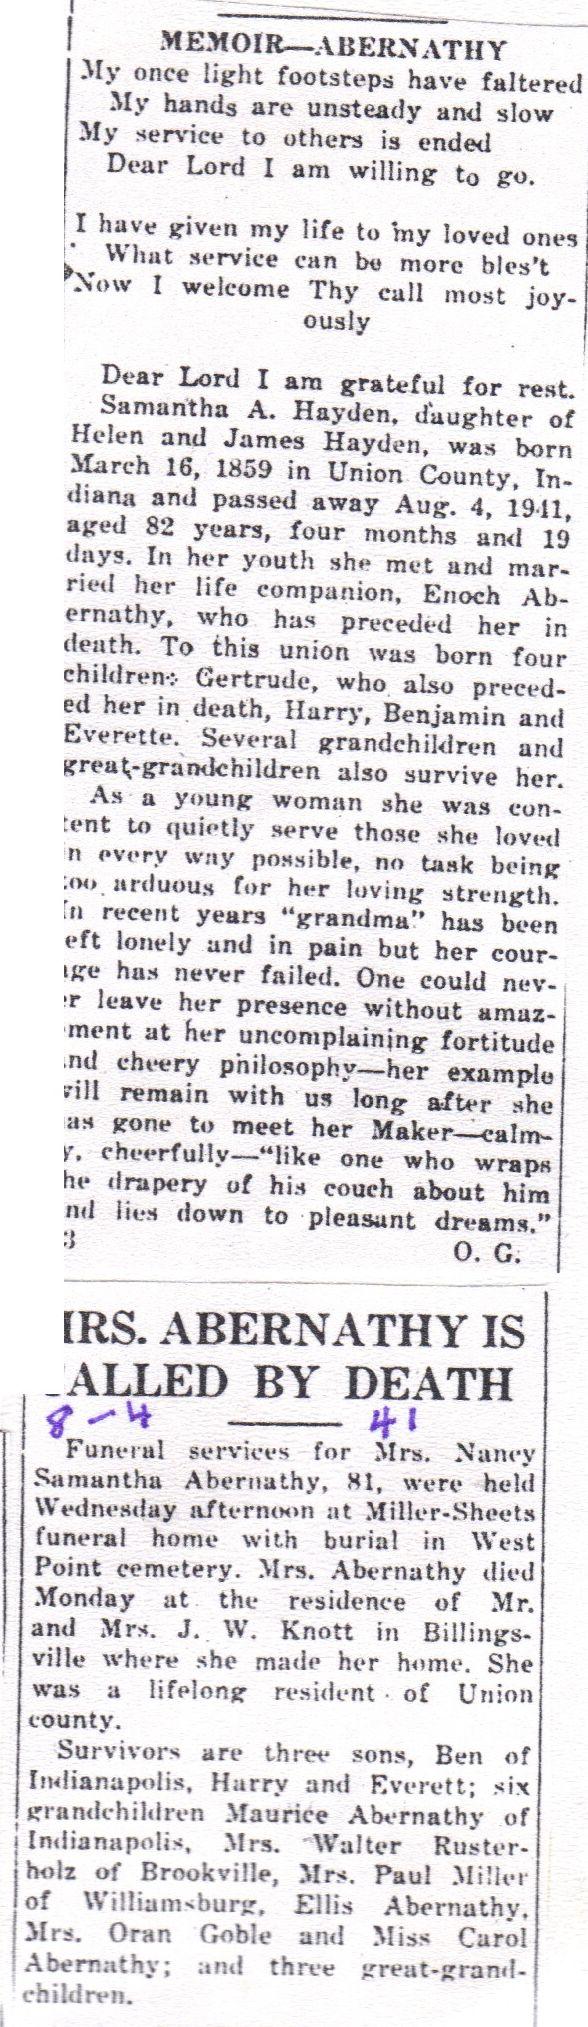 Nancy Samantha Hayden Abernathy (1859 - 1941) - Find A Grave Photos